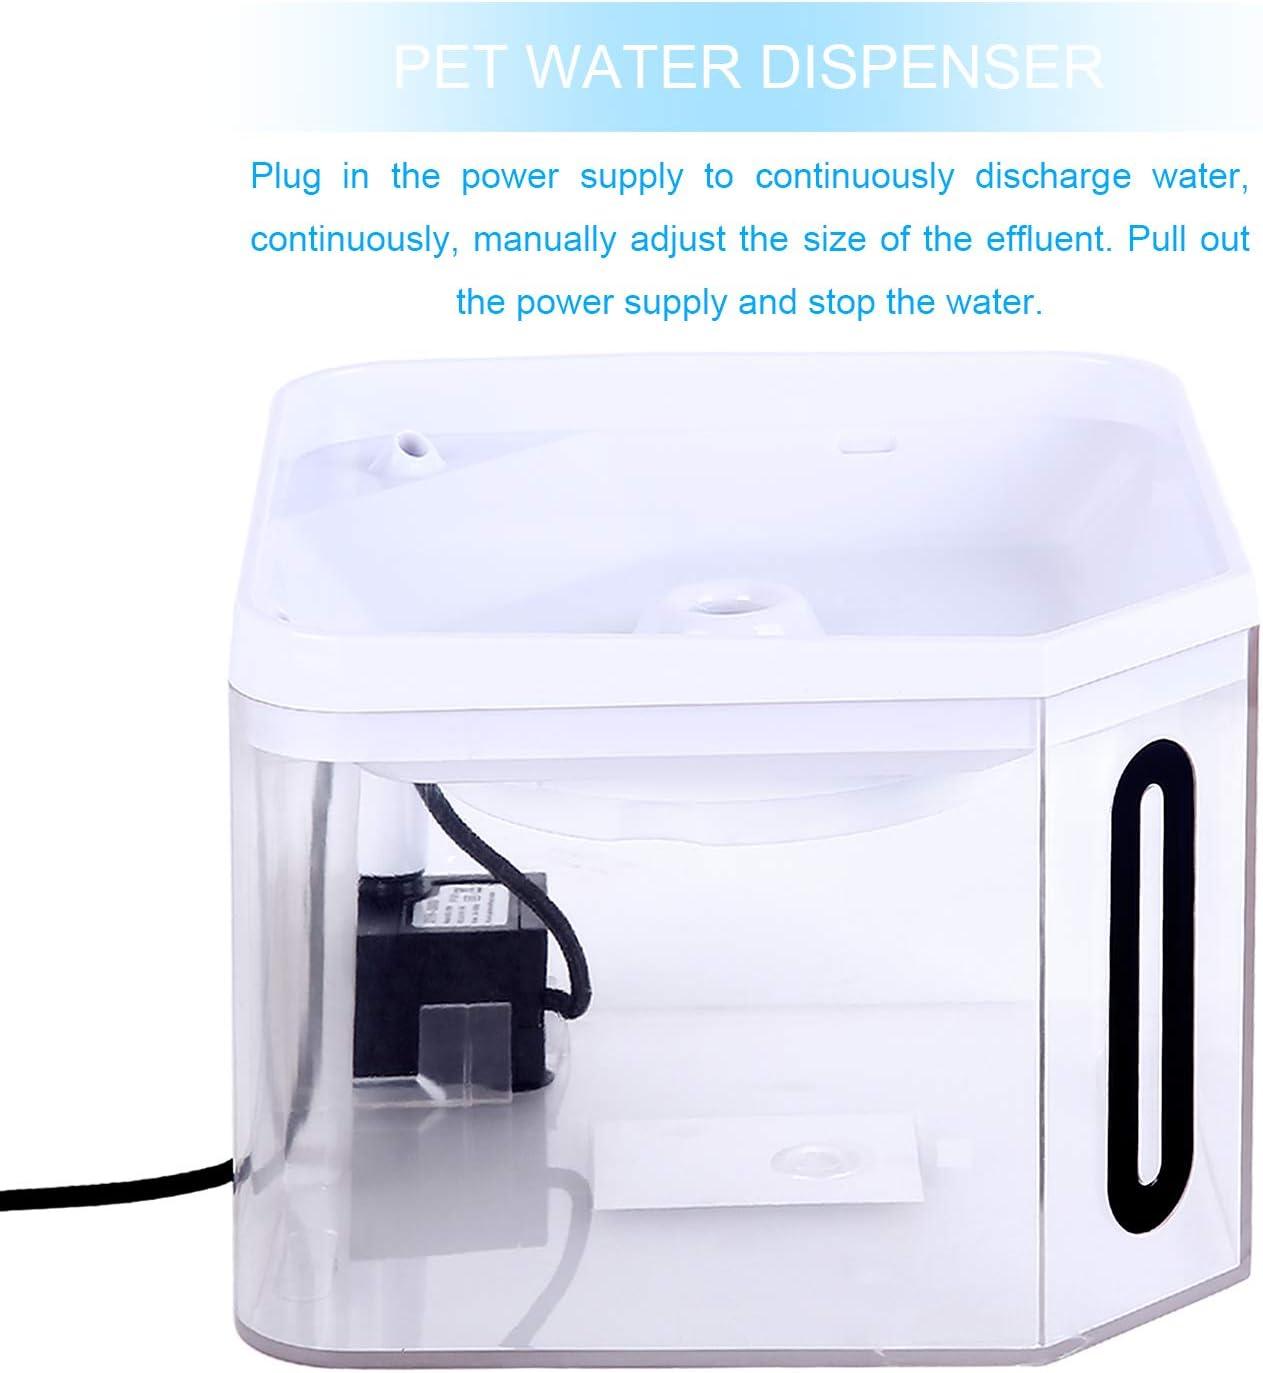 Guamar - Fuente de agua para perros y gatos, 2,5 l, dispensador automático de agua potable para mascotas, súper silencioso, transparente, sano e higiénico, con bomba extraíble lavable y filtro de carbón